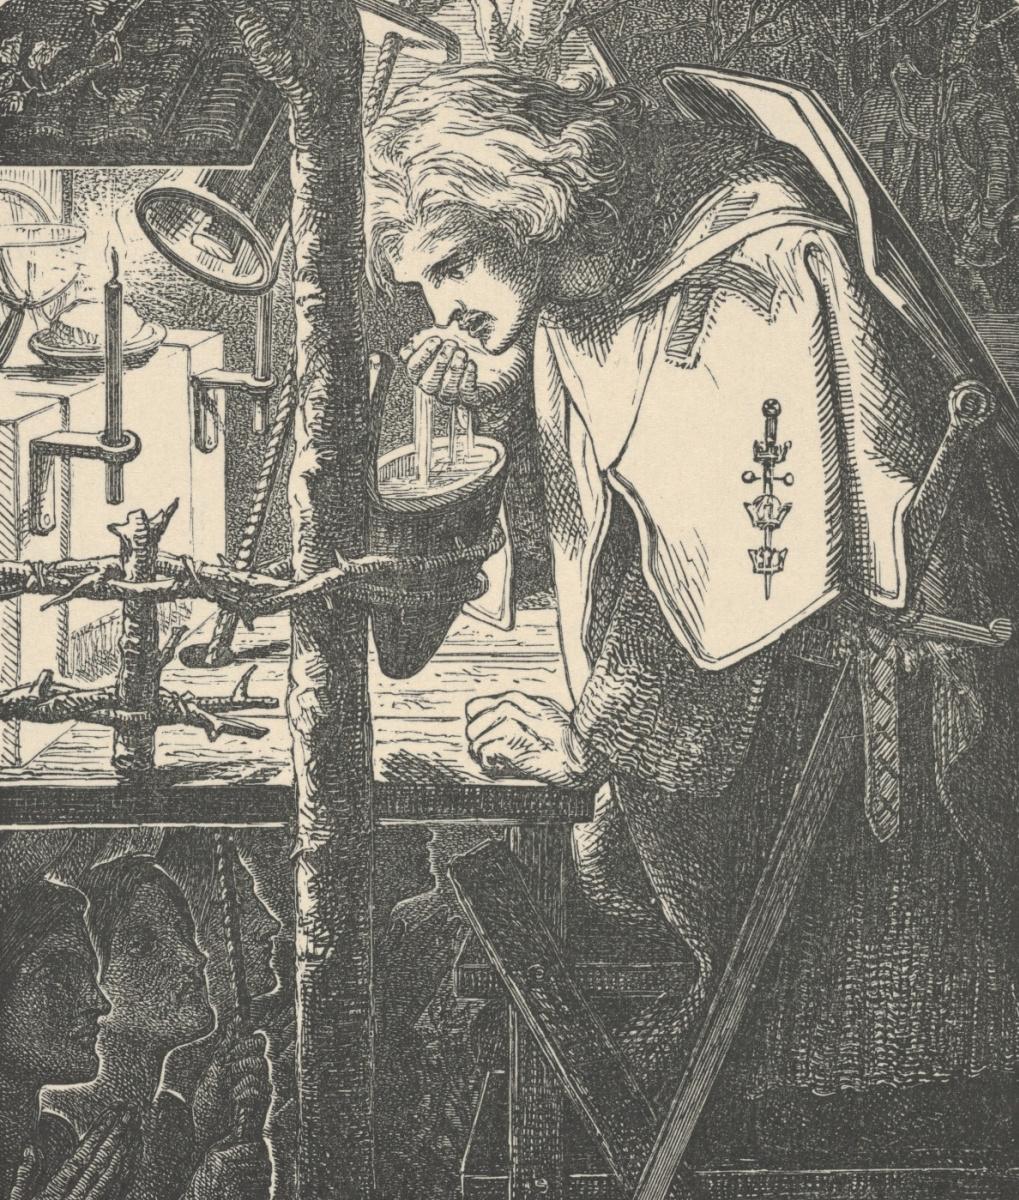 Данте Габриэль Россетти. Сэр Галахад у разрушенной часовни. Иллюстрация к поэзии Теннисона